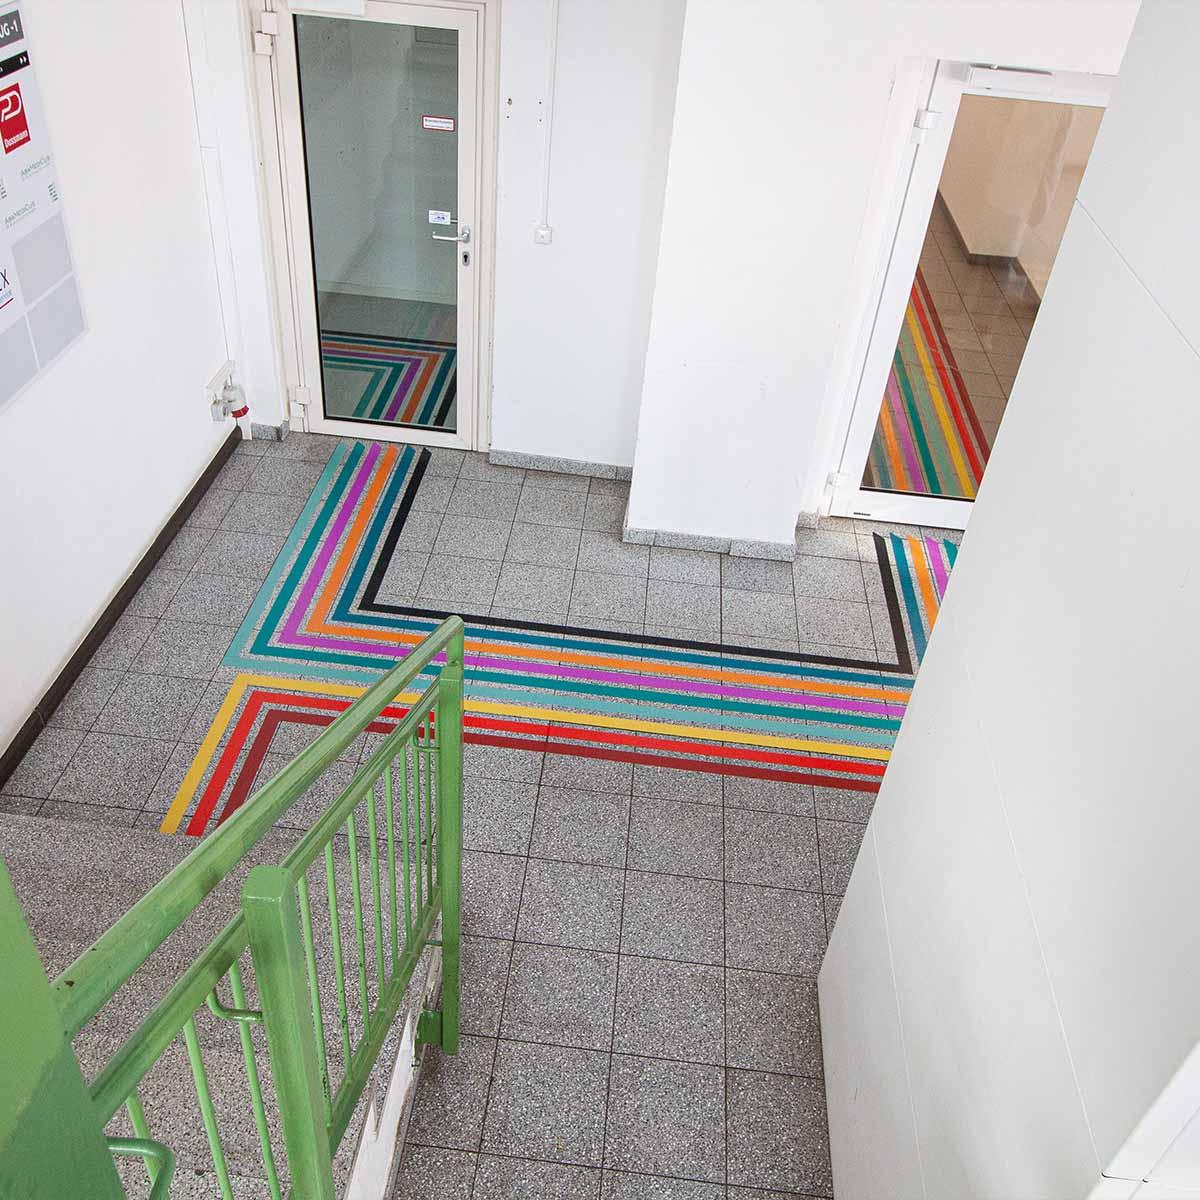 Der Blick auf eine Kreuzung der Bänder im Untergeschoss vom Weinberg Campus Innovation Hub